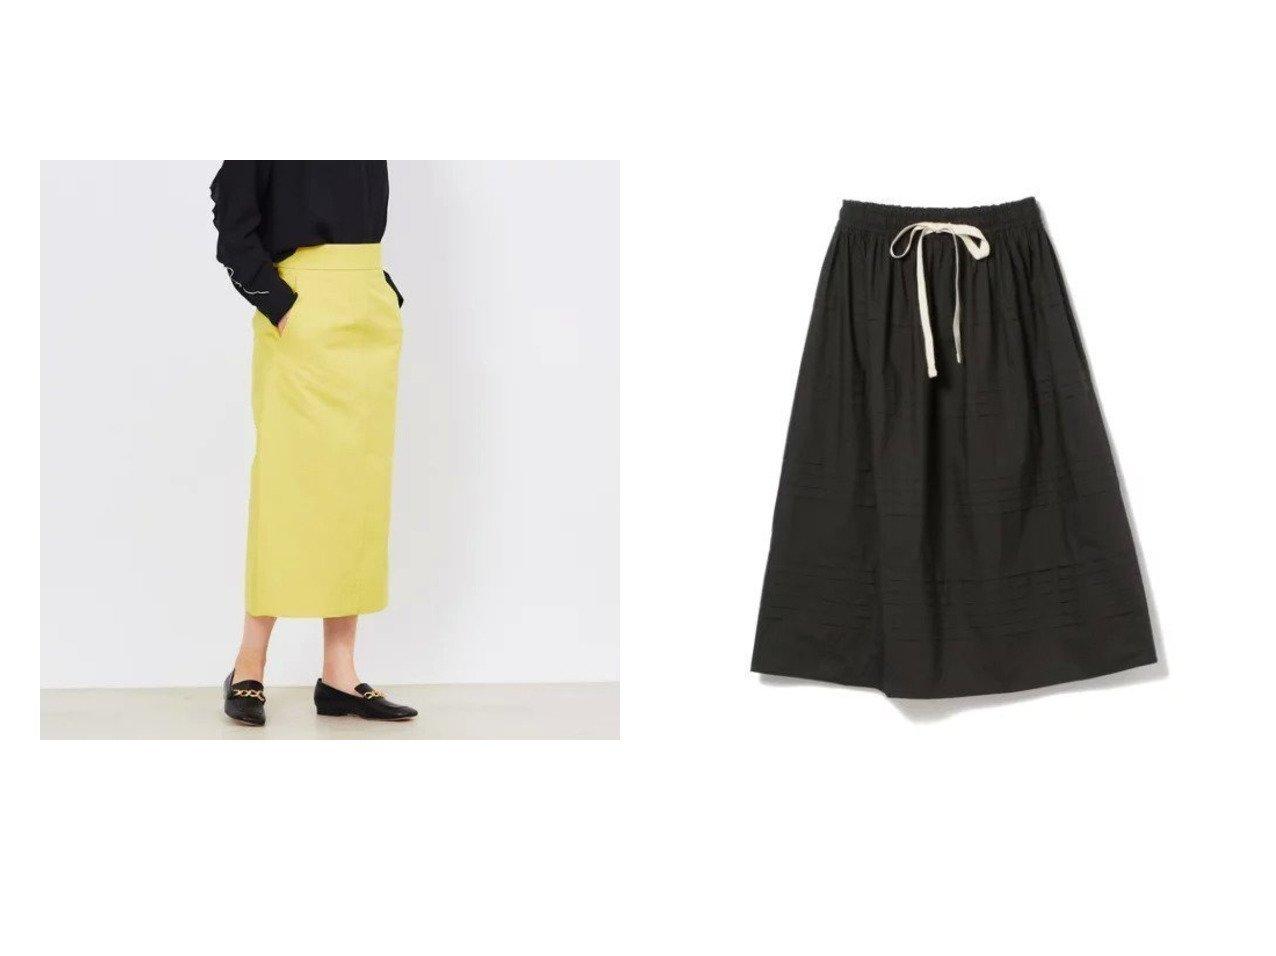 【Demi-Luxe BEAMS/デミルクス ビームス】のRobin プリーツ スカート&【DESIGN WORKS/デザイン ワークス】のグログランタイトSK スカートのおすすめ!人気、トレンド・レディースファッションの通販 おすすめで人気の流行・トレンド、ファッションの通販商品 メンズファッション・キッズファッション・インテリア・家具・レディースファッション・服の通販 founy(ファニー) https://founy.com/ ファッション Fashion レディースファッション WOMEN スカート Skirt プリーツスカート Pleated Skirts ギャザー シンプル ティアード フェミニン プリーツ マキシ ロング |ID:crp329100000014452